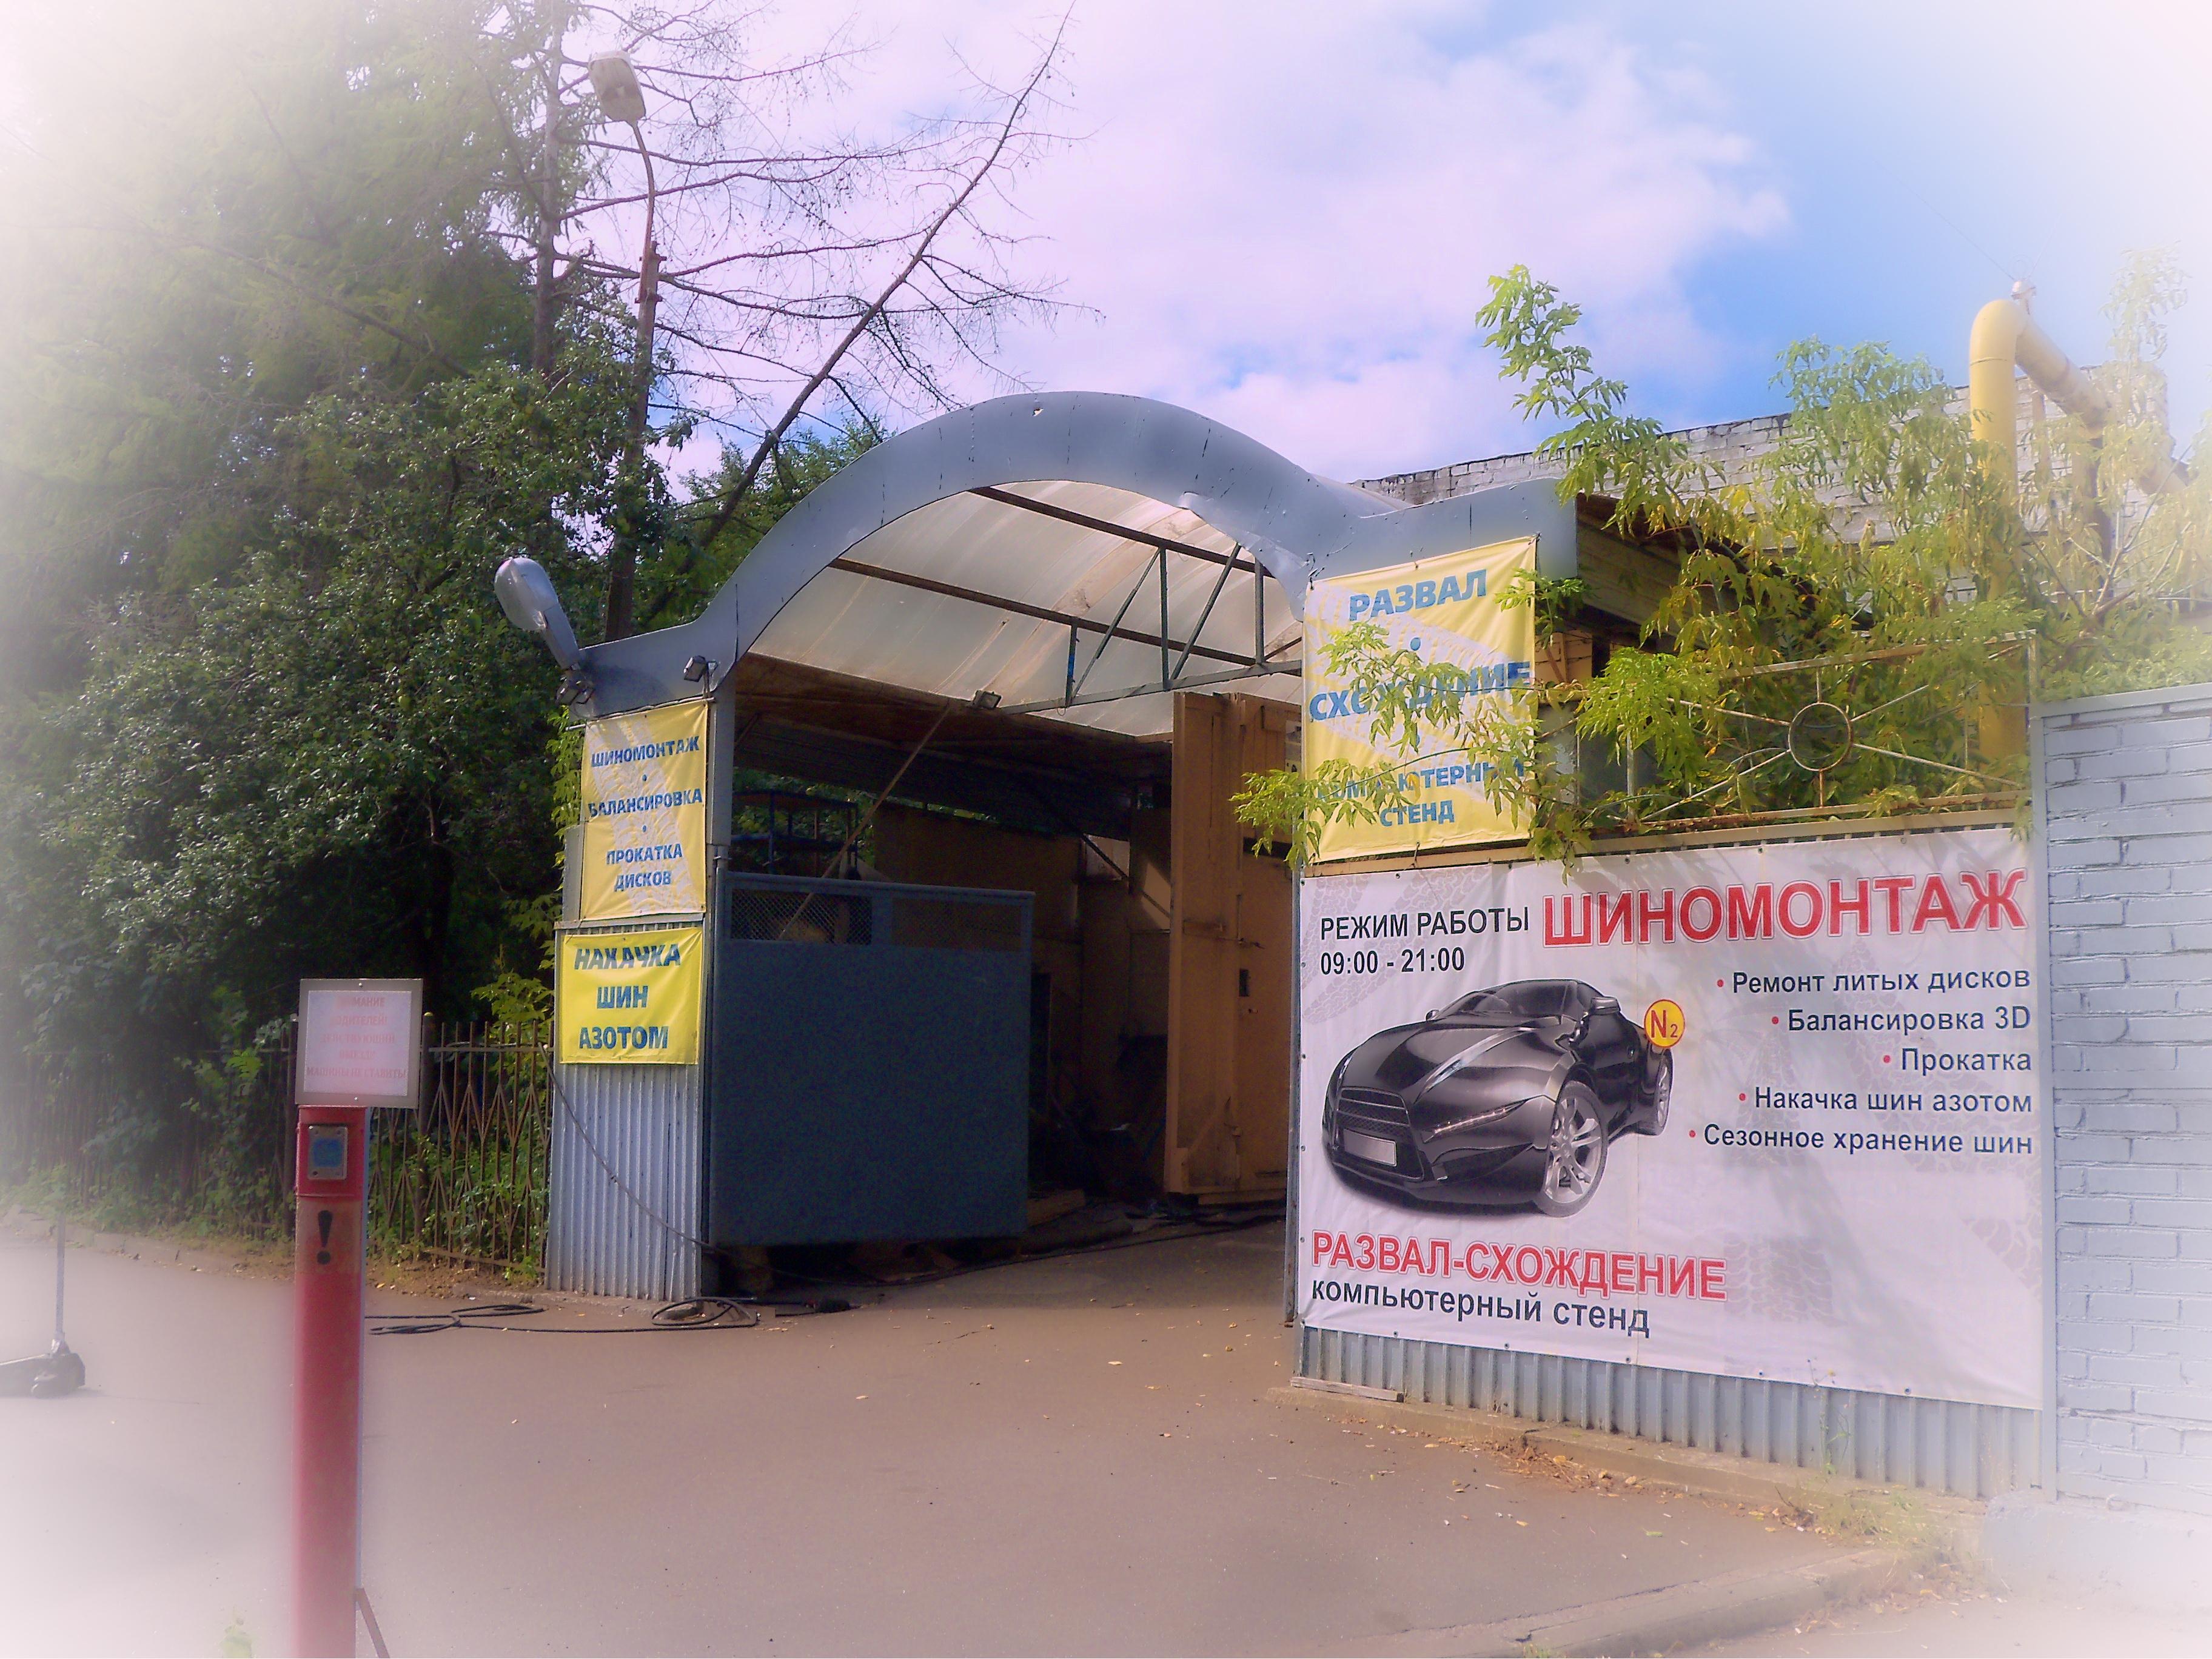 Шиномонтаж, развал-схождение, сезонное хранение шин и …